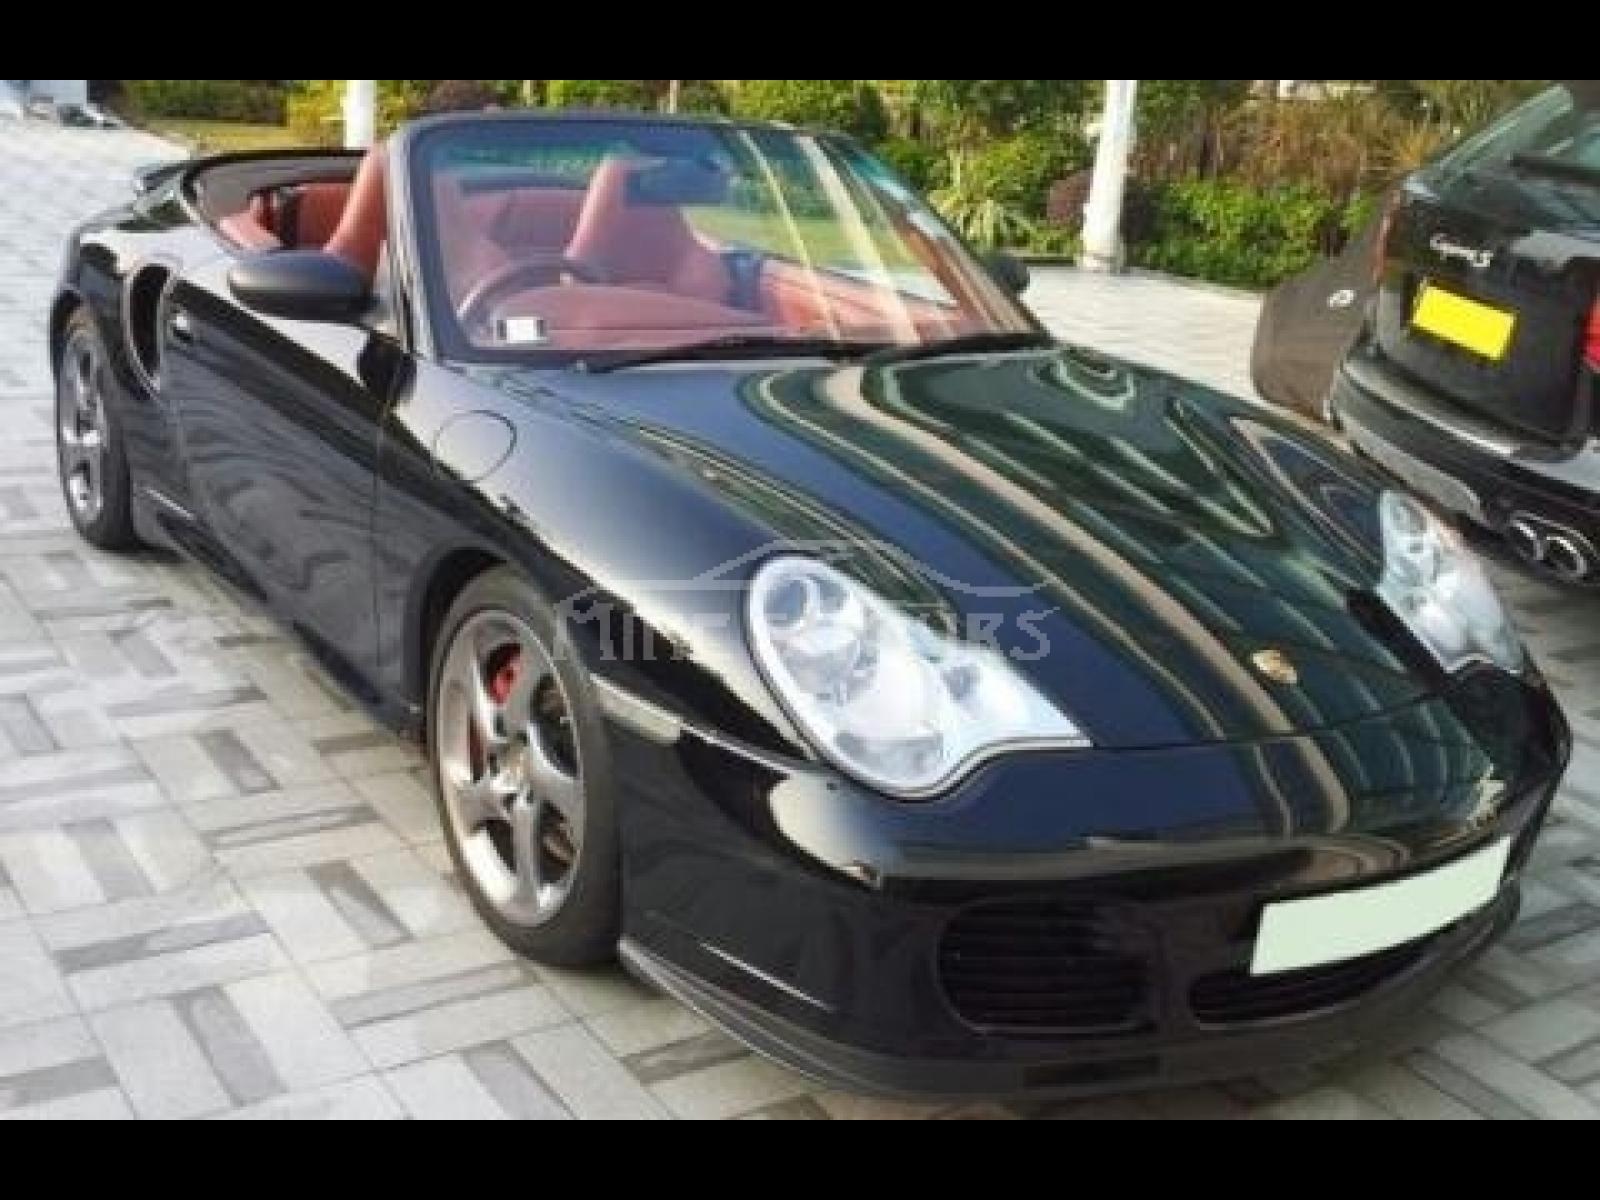 Porsche 996 Turbo cabriolet (0885)